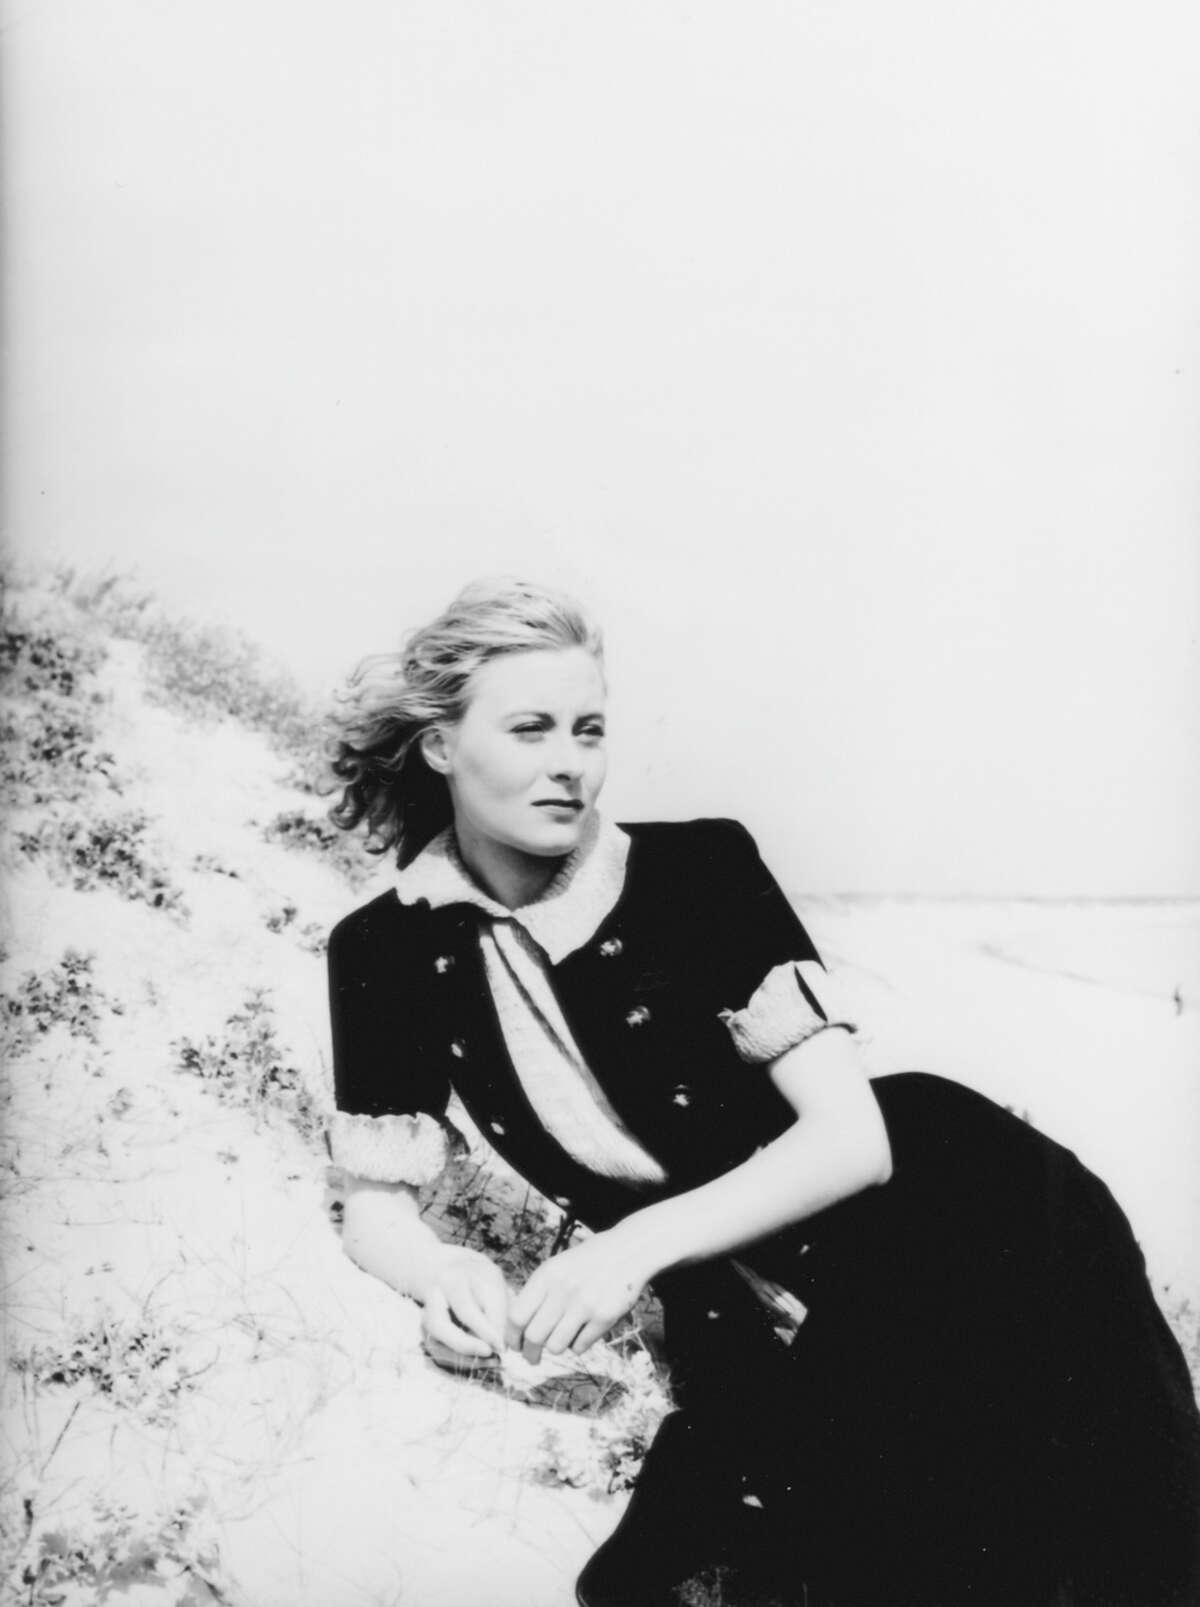 Michele Morgan in the 1941 film